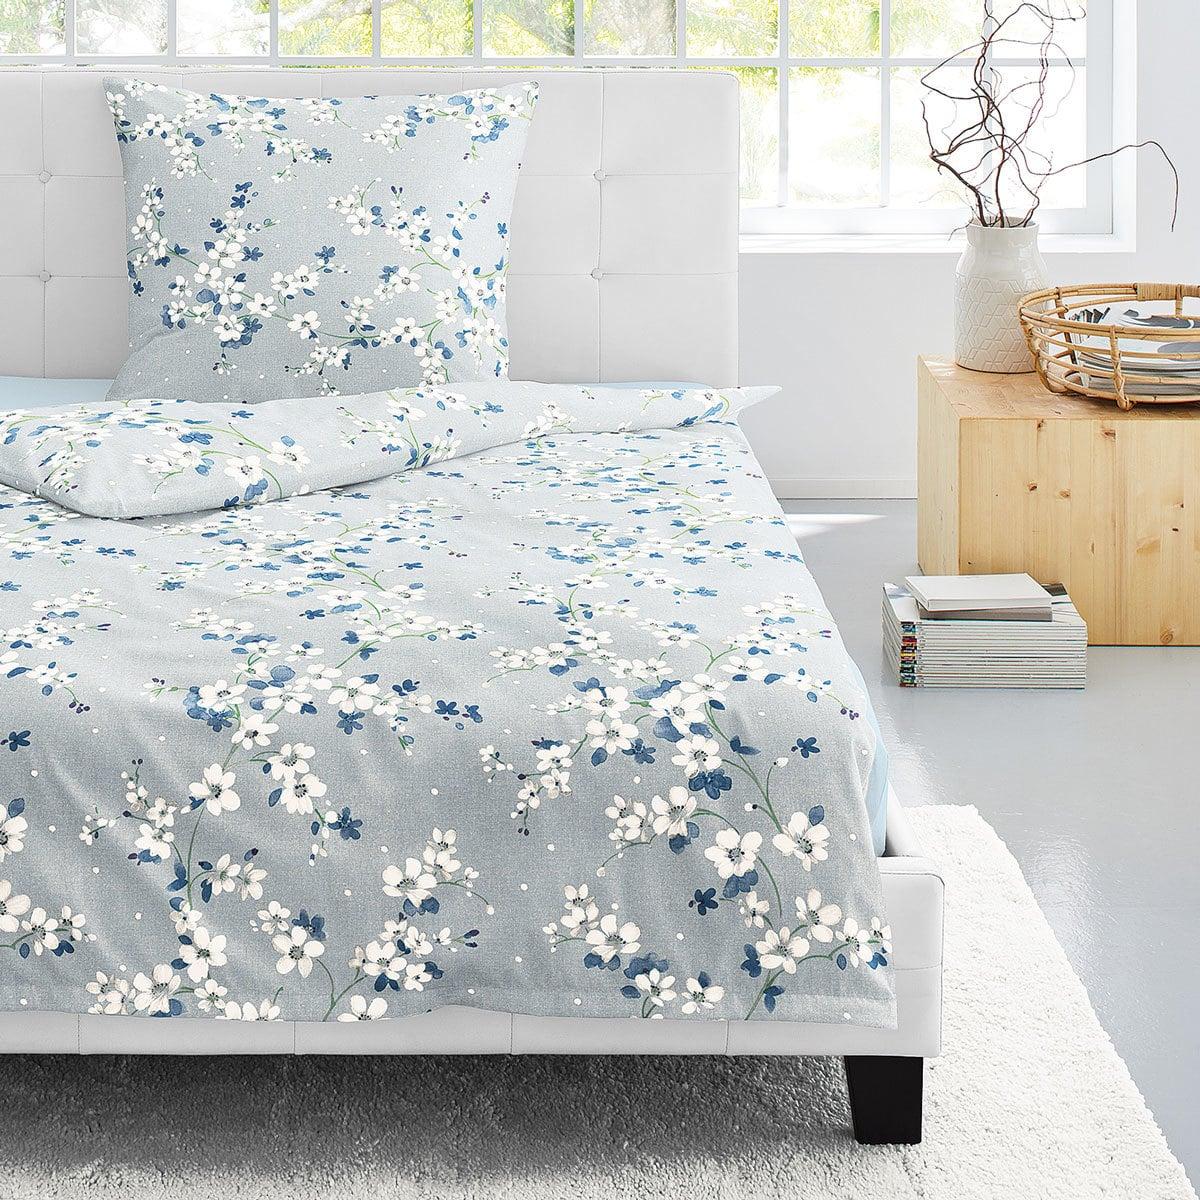 irisette biber bettw sche davos 8011 20 g nstig online kaufen bei bettwaren shop. Black Bedroom Furniture Sets. Home Design Ideas